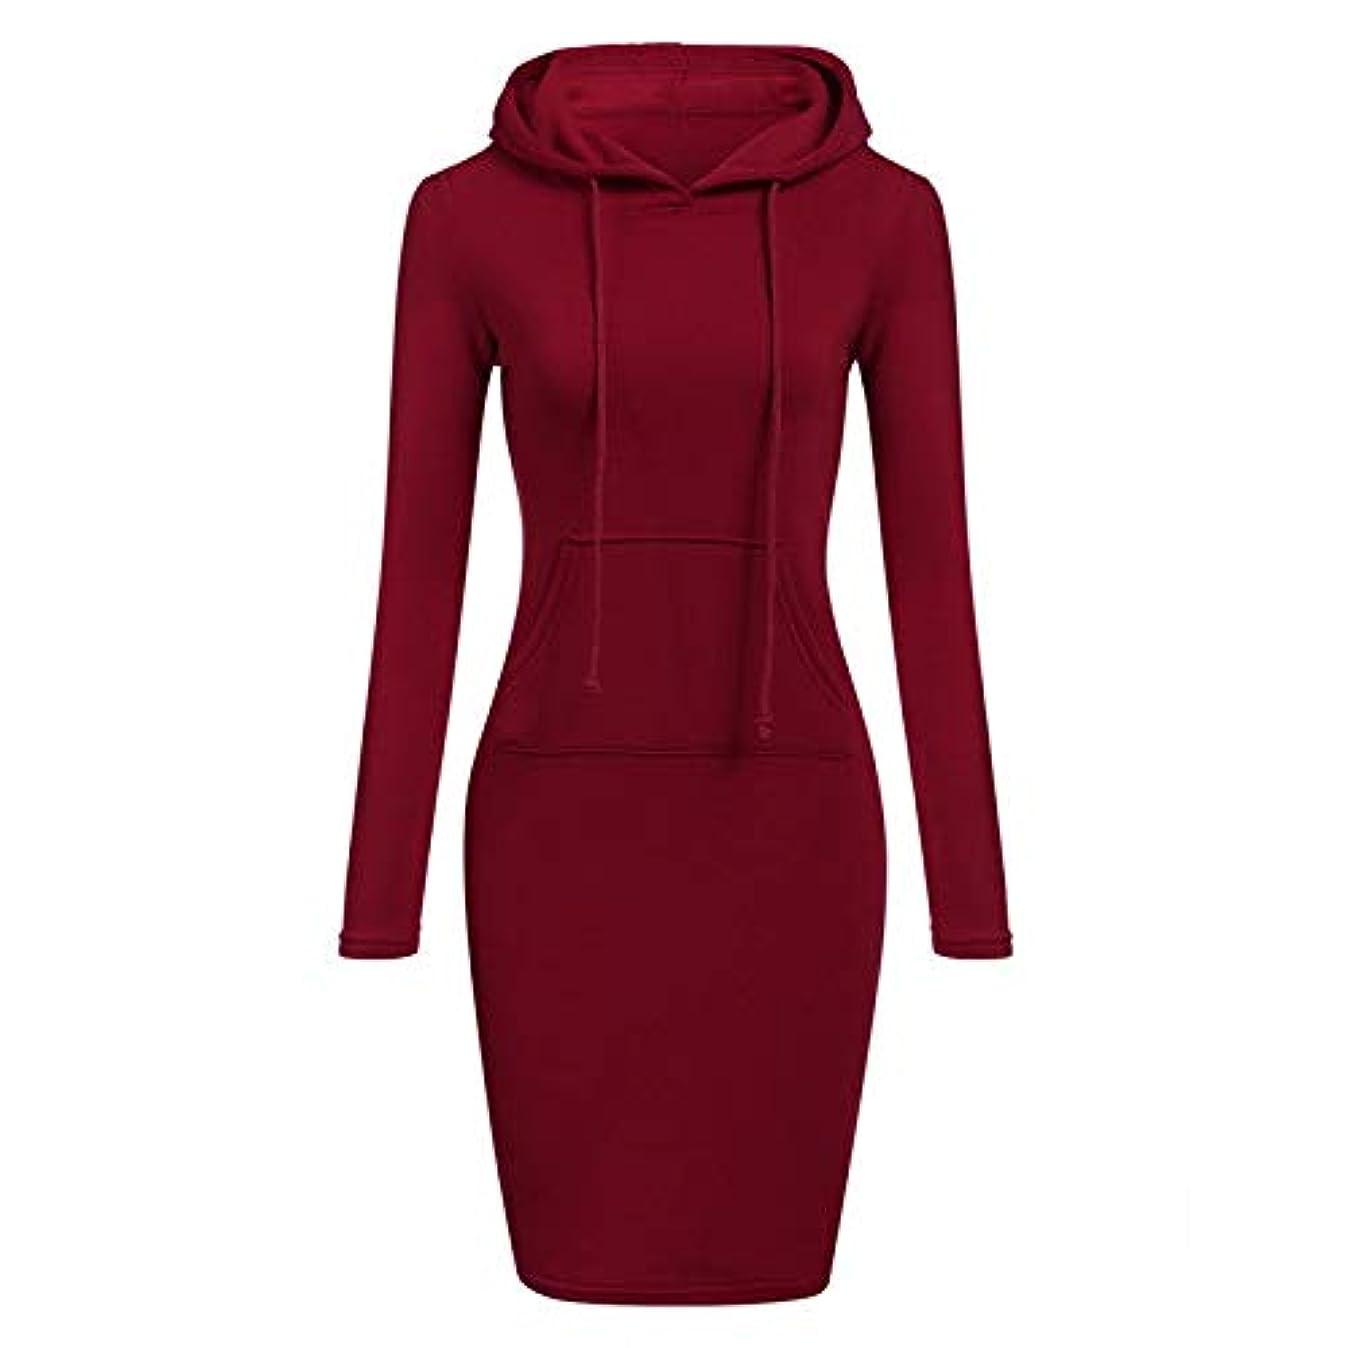 単調な経済的下向きMaxcrestas - ファッションフード付き巾着フリースの女性のドレス秋冬はドレス女性Vestidosパーカースウェットシャツドレスを温めます